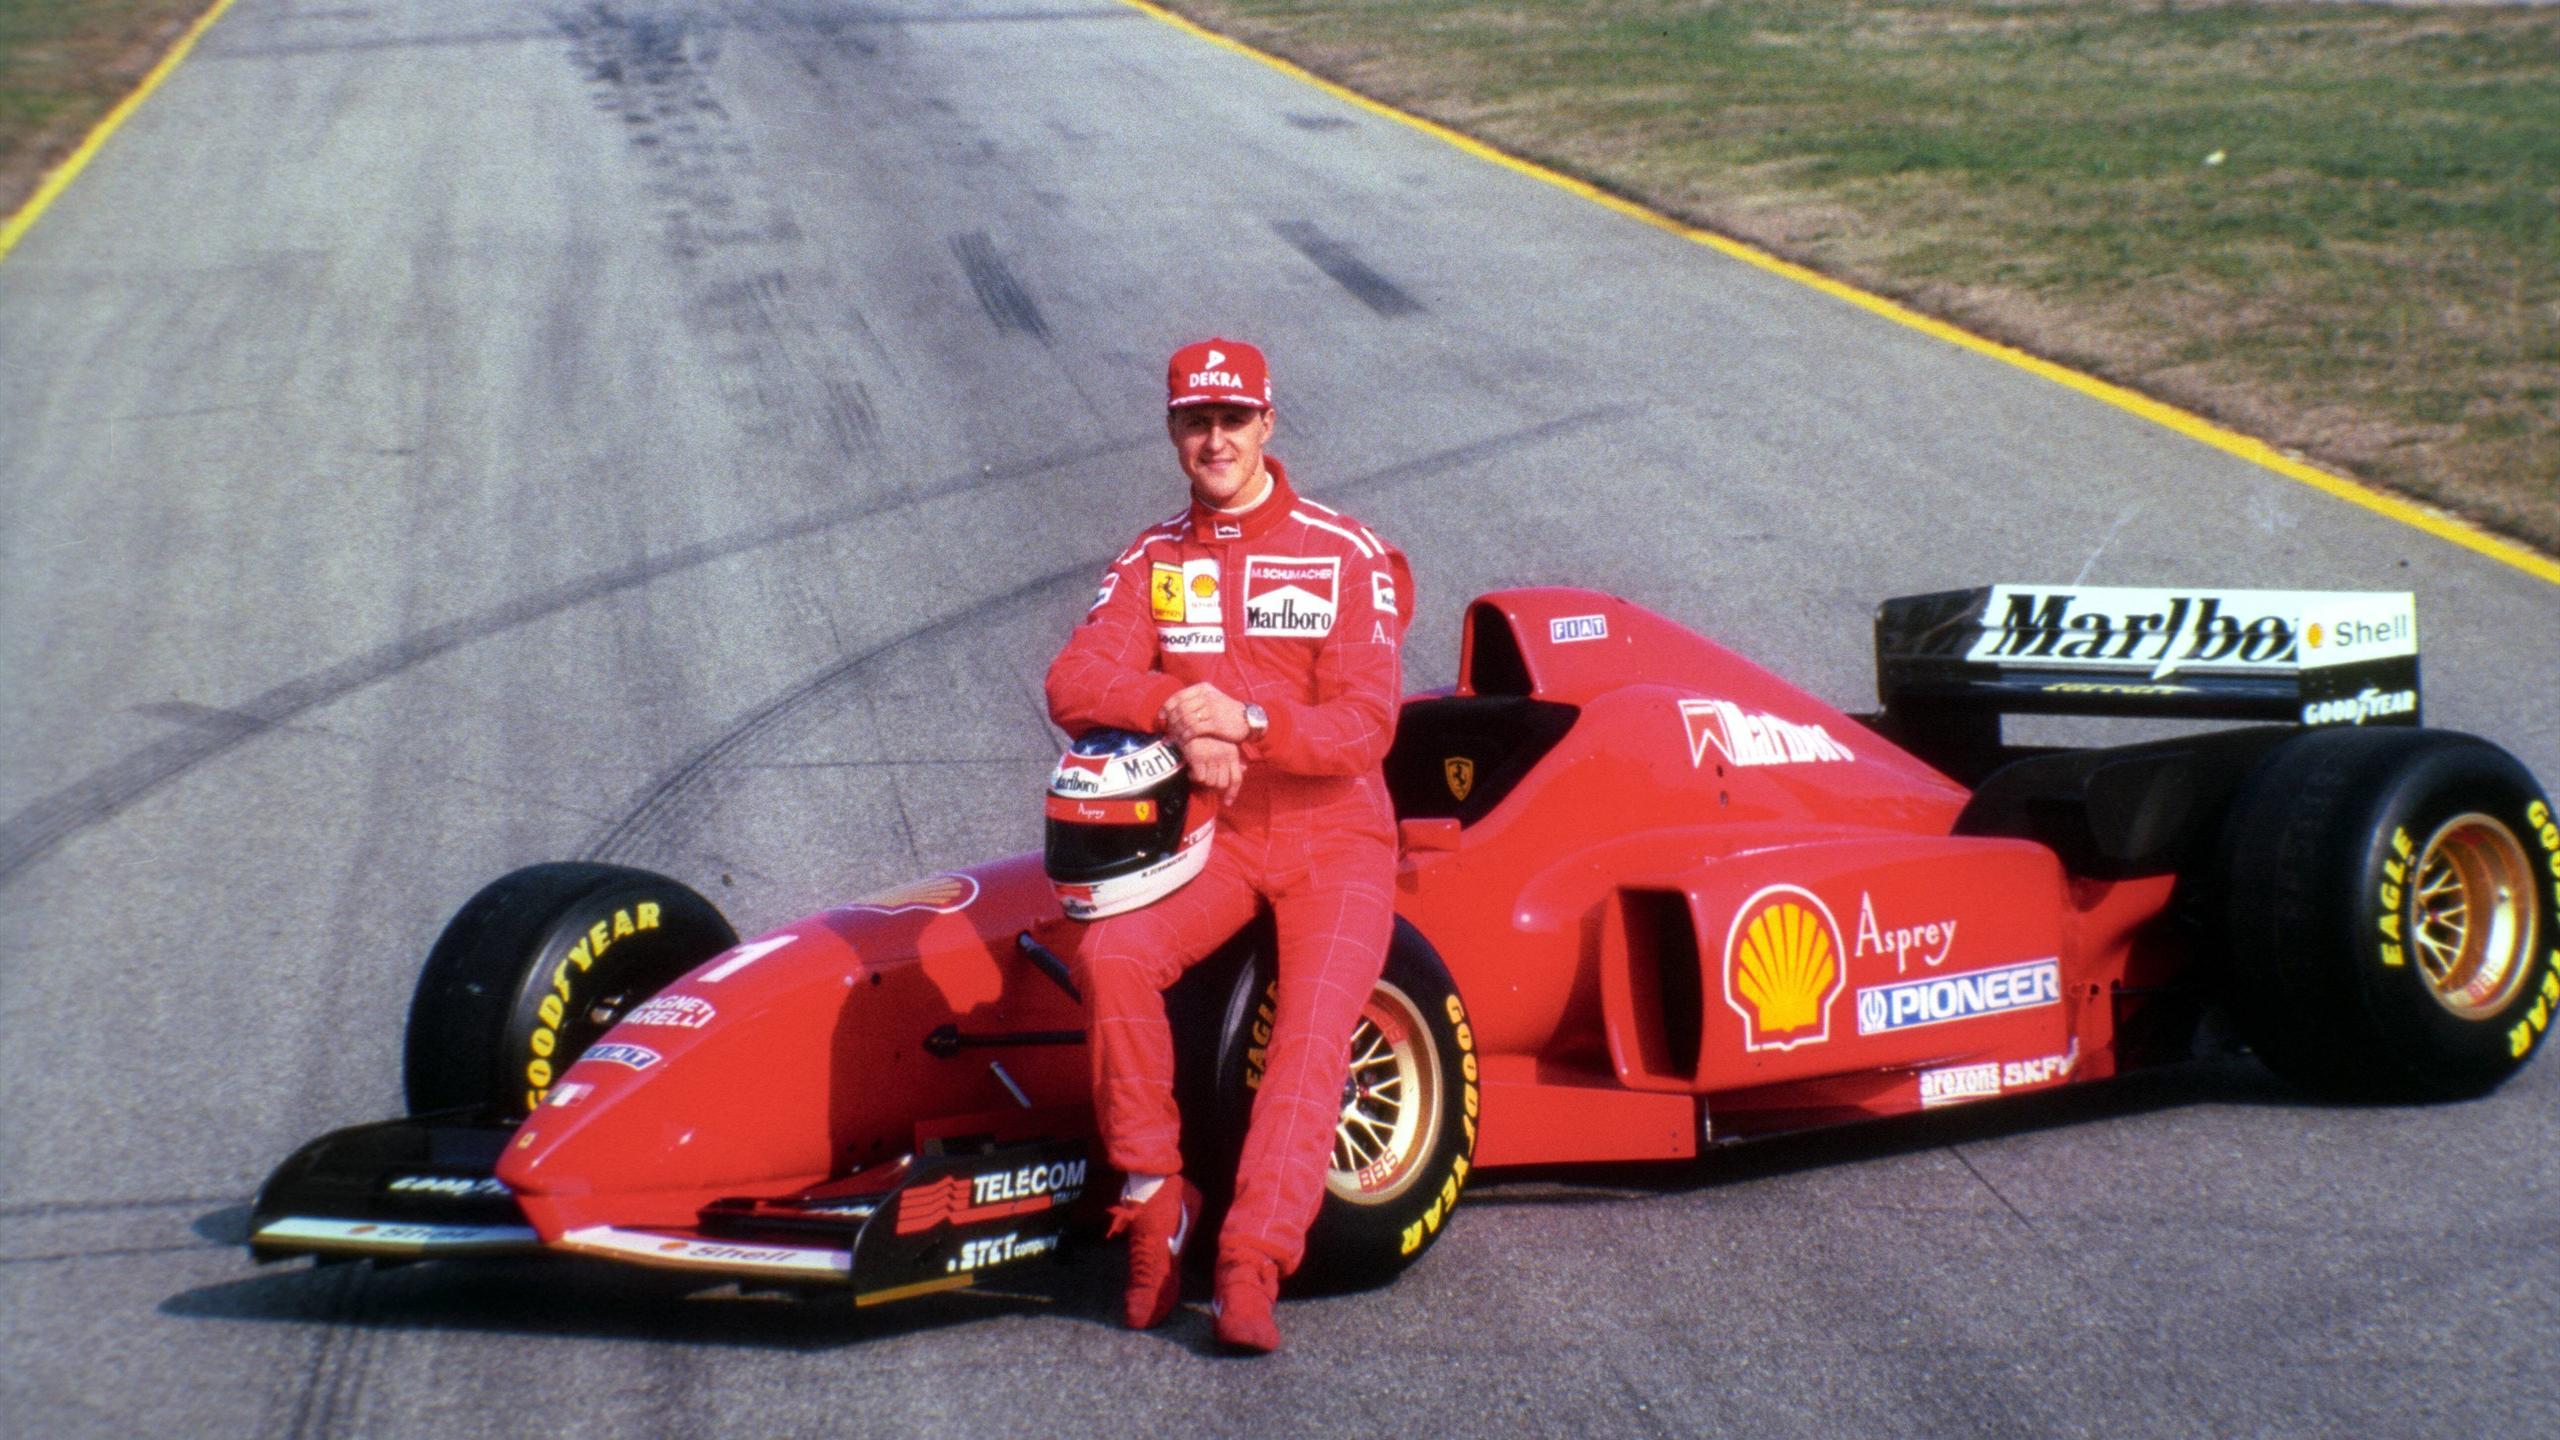 1996, Michael Schumacher, Ferrari (imago)